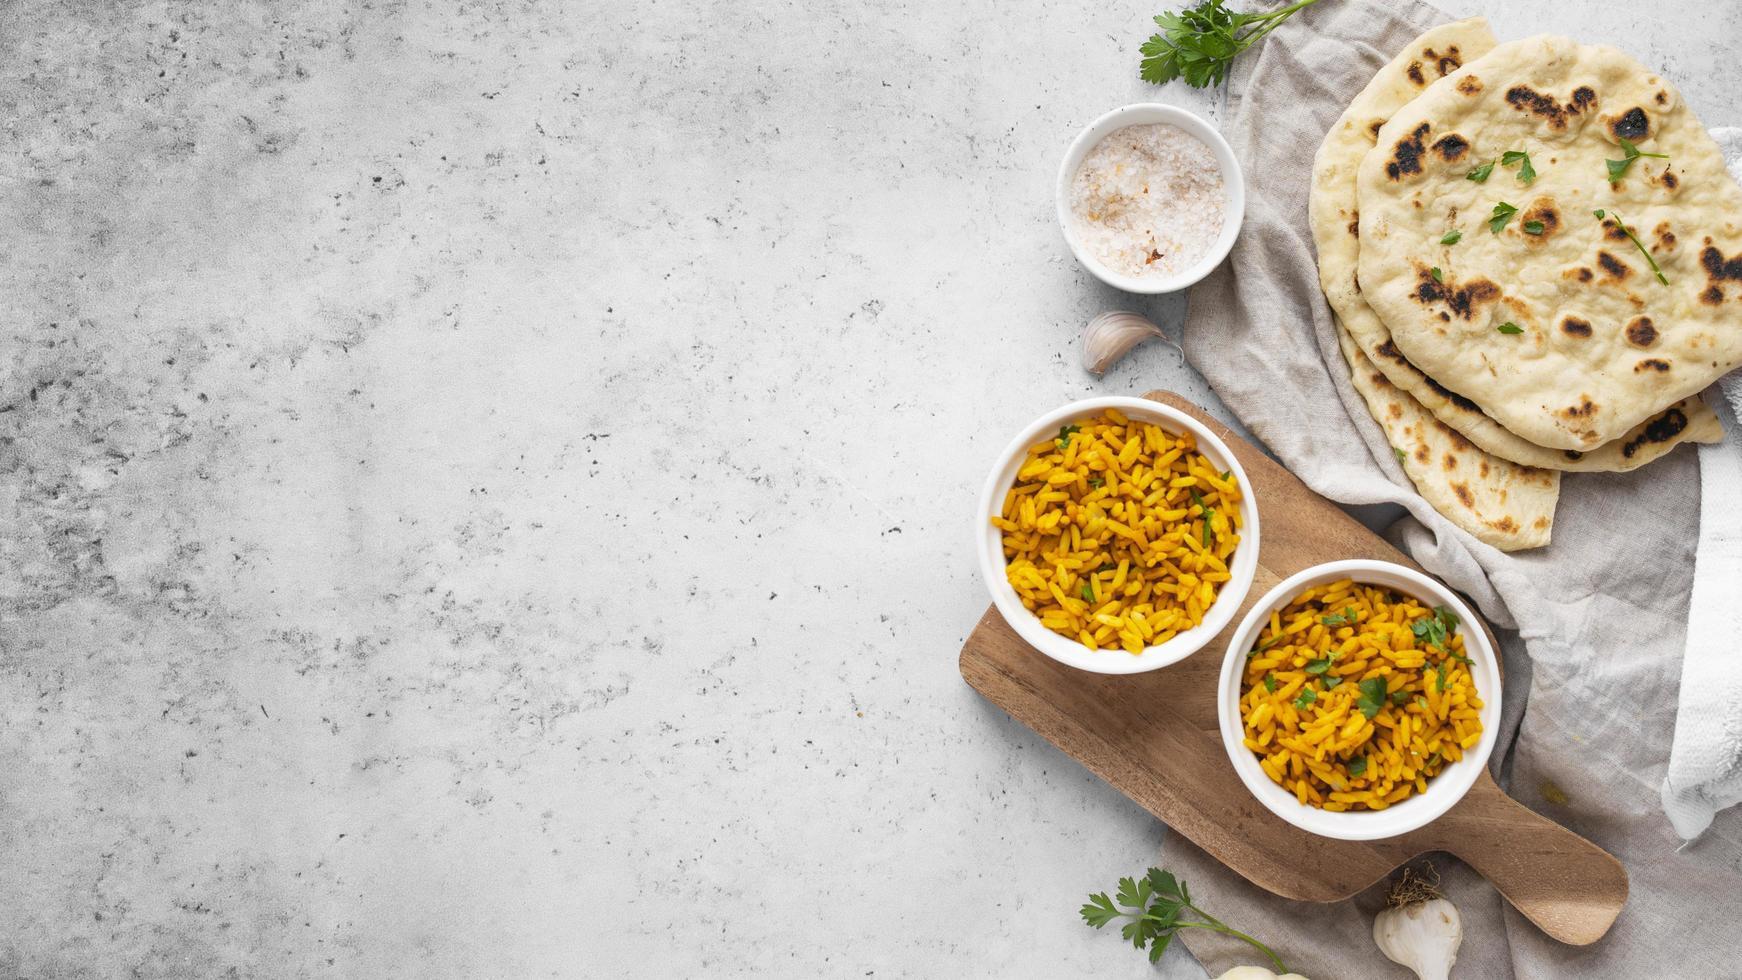 arroz amarelo e arranjo de pita foto